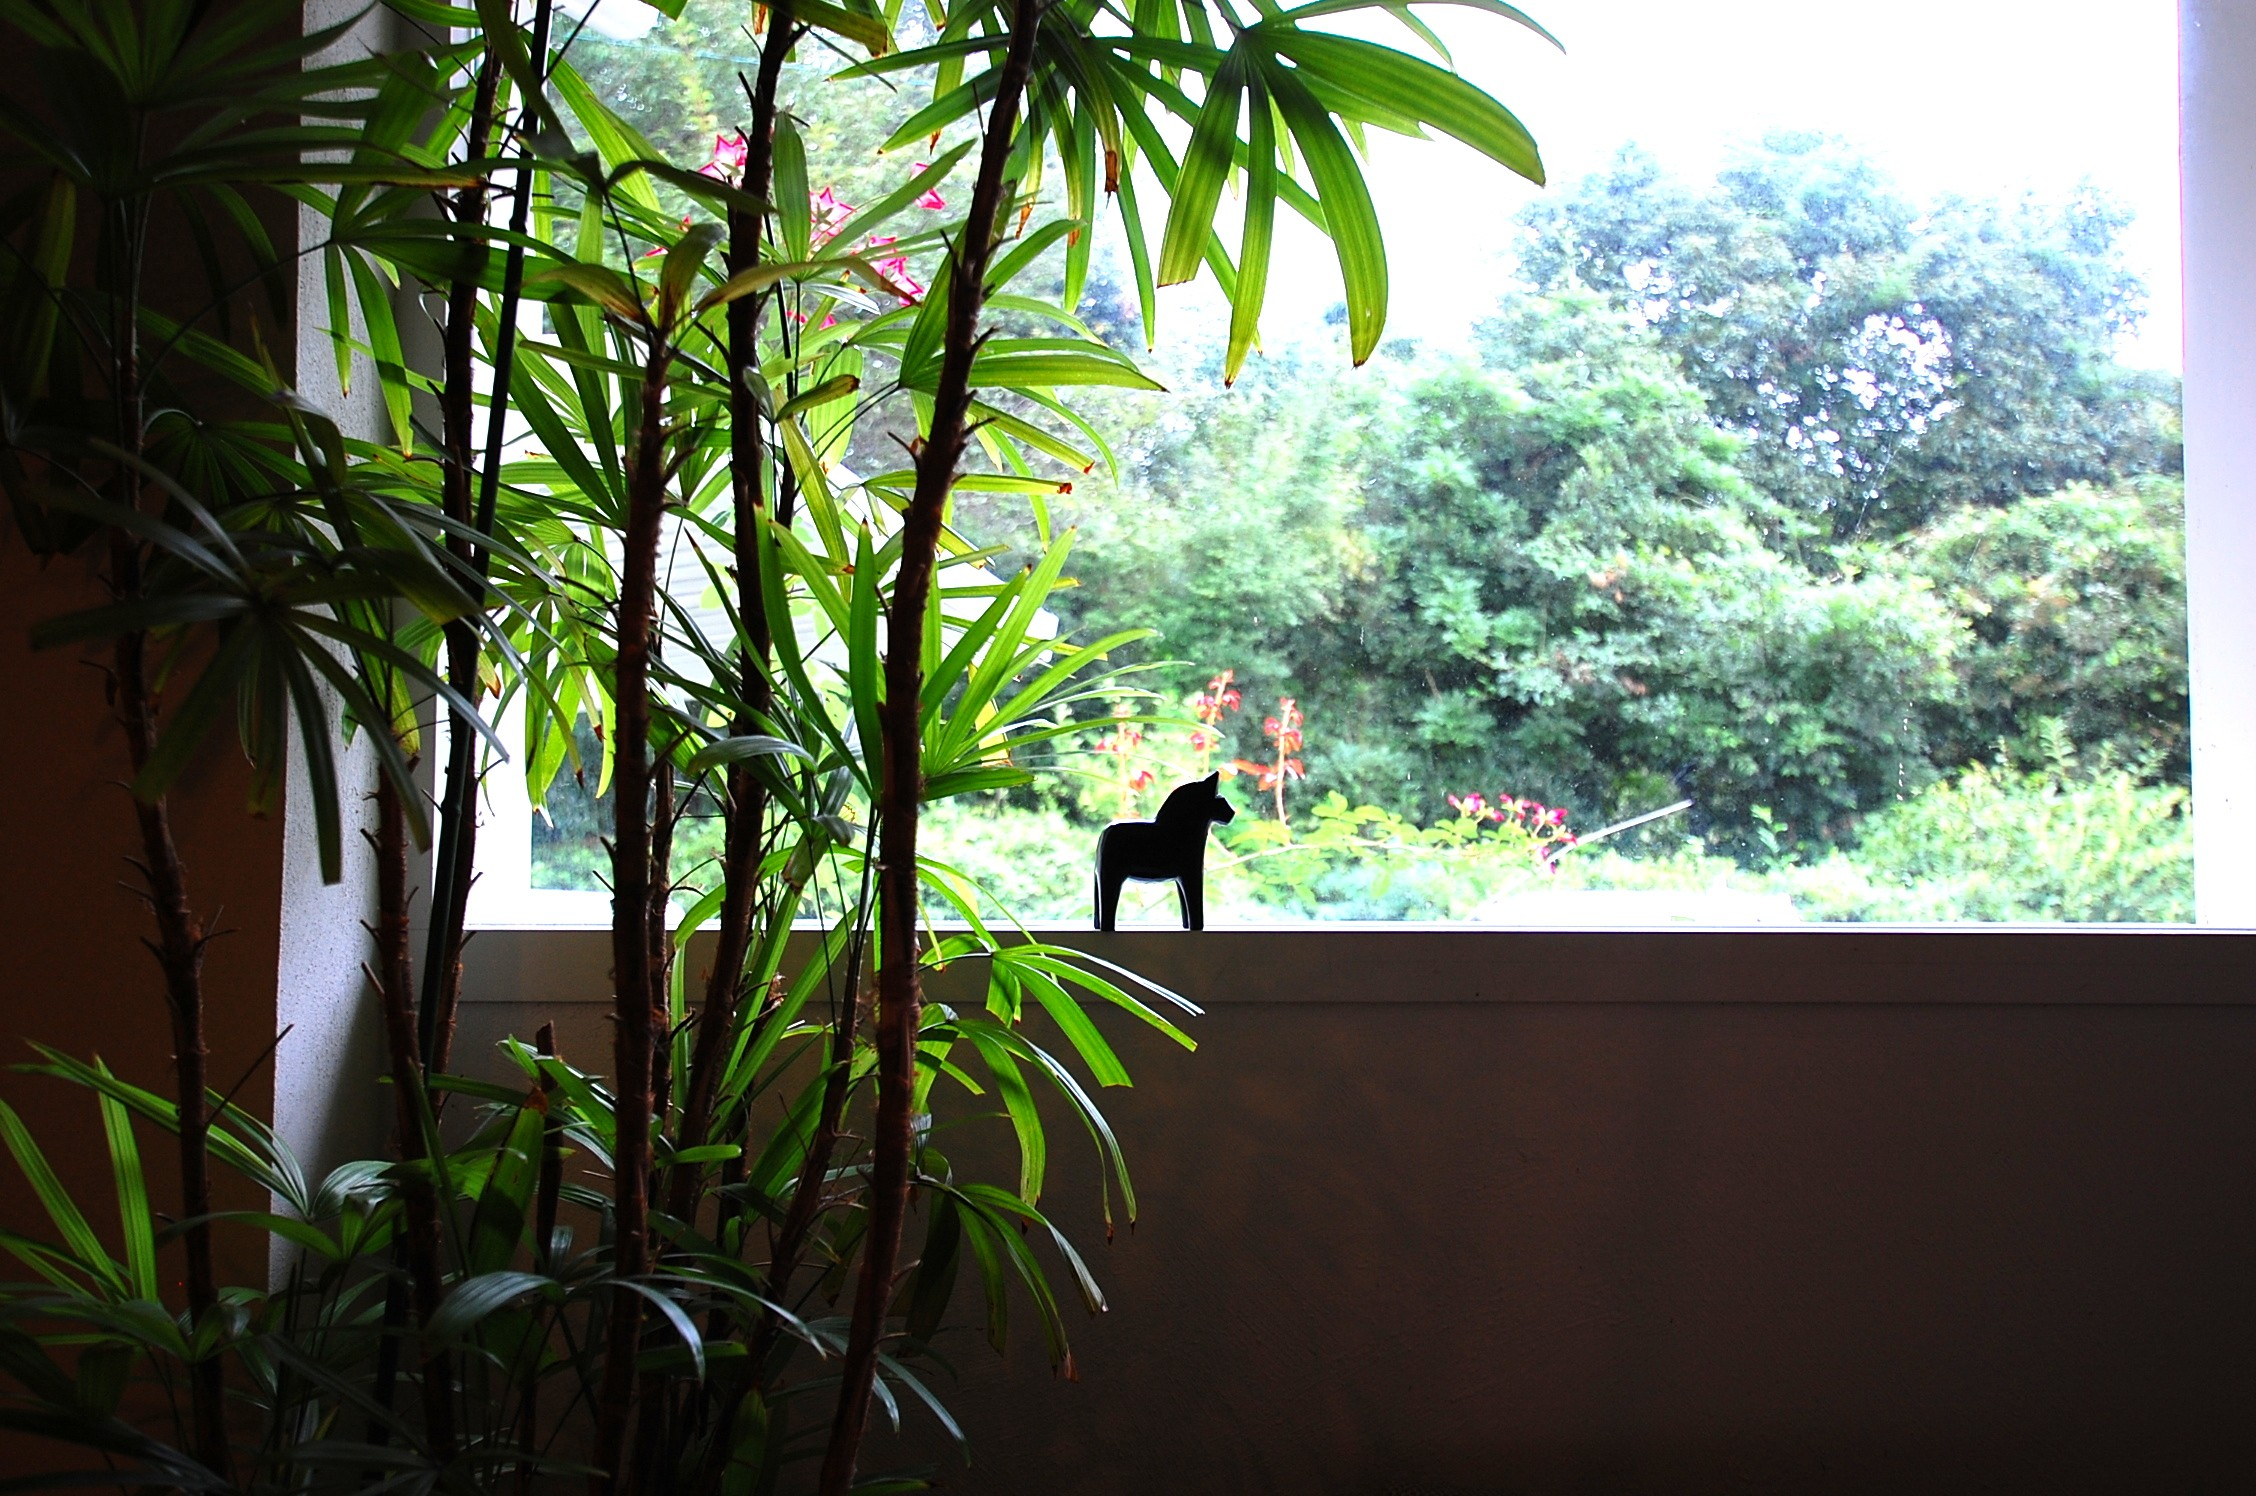 リビングダイニング事例:窓から見る外空間(鵜沼のアトリエ)